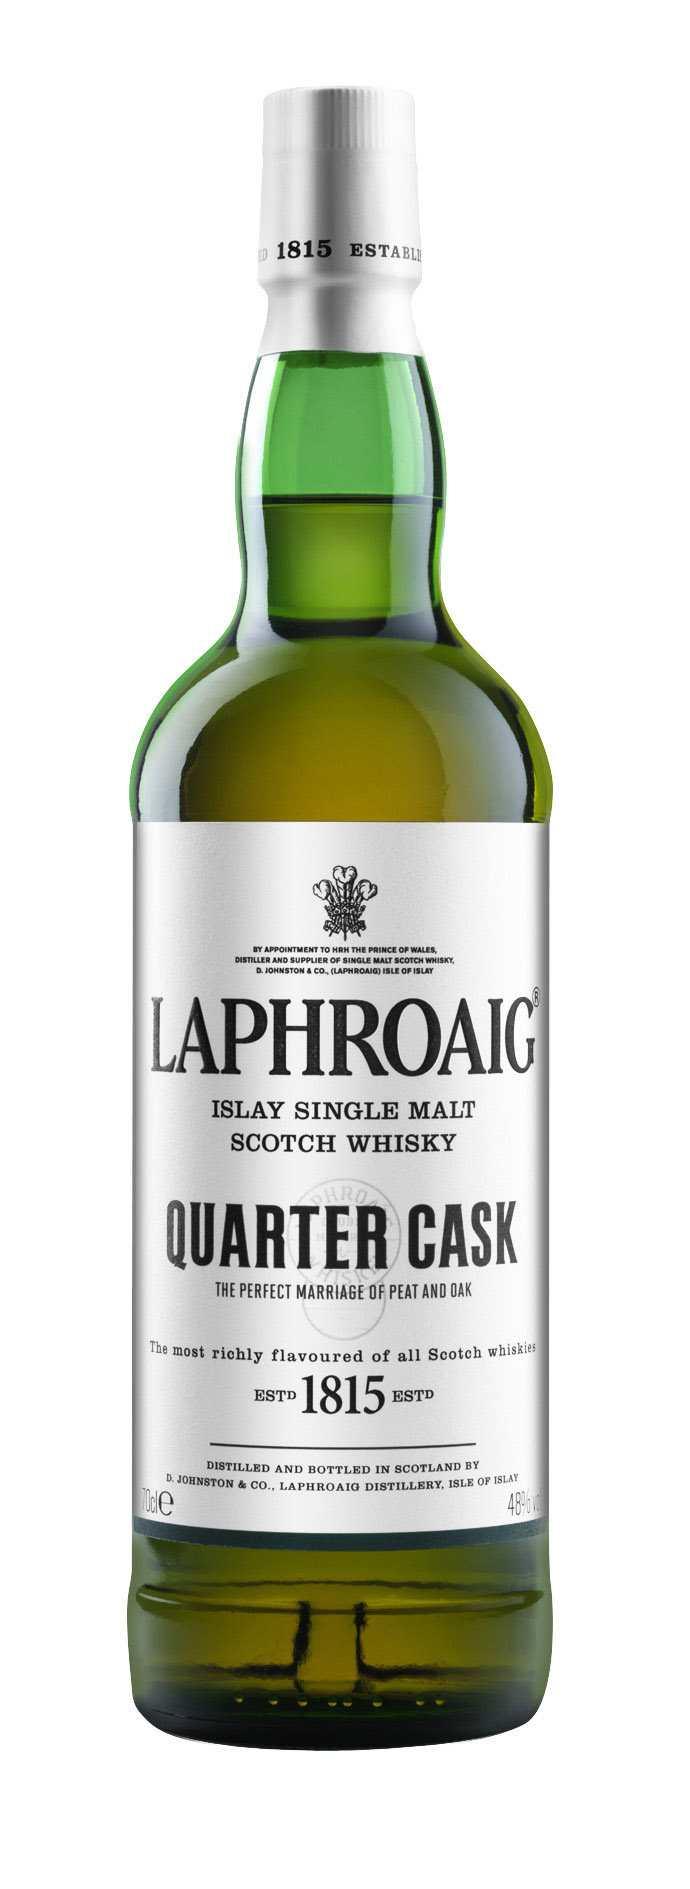 Laphroaig_Quarter Cask